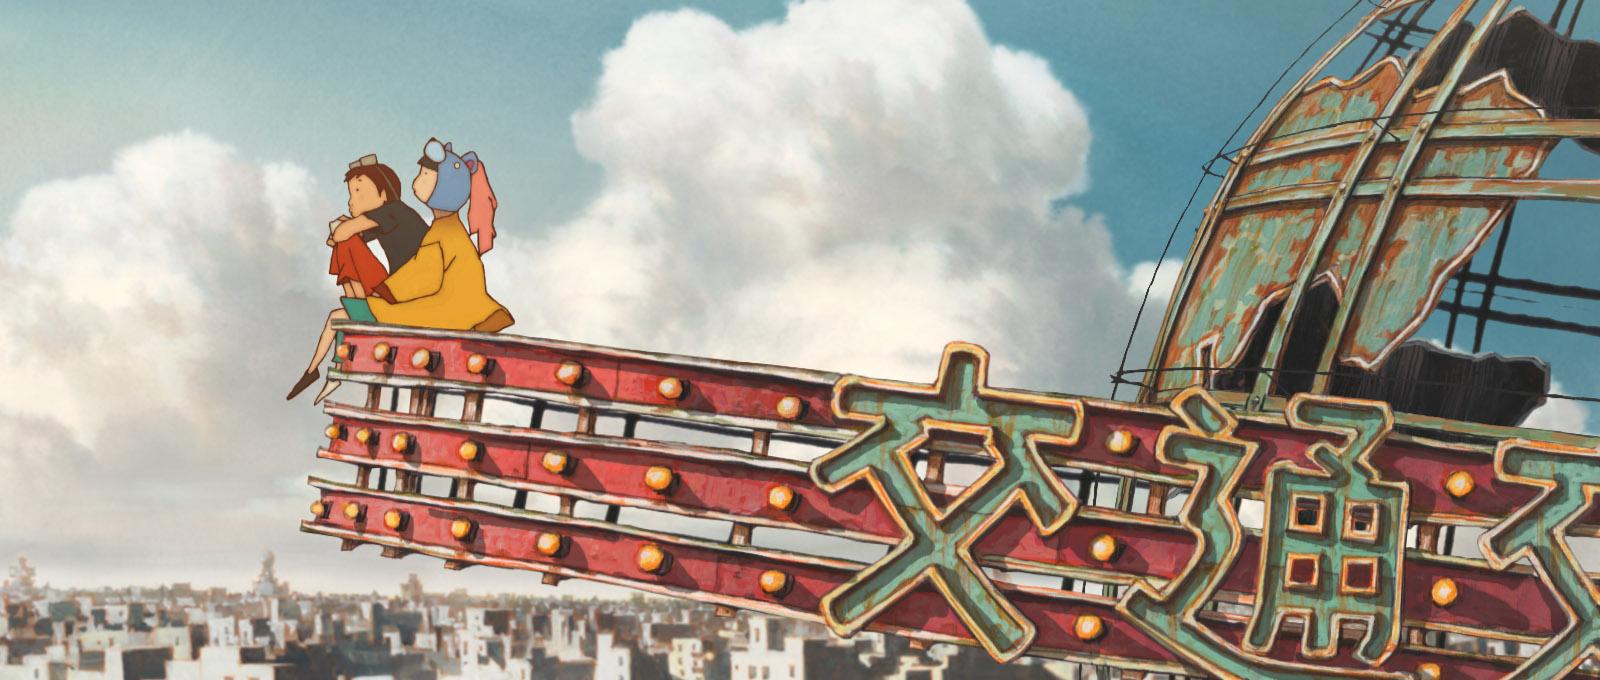 《惡童當街》2006年首次上映便造成轟動的經典動畫【惡童當街】,改編自漫畫大師松本大洋同名作品